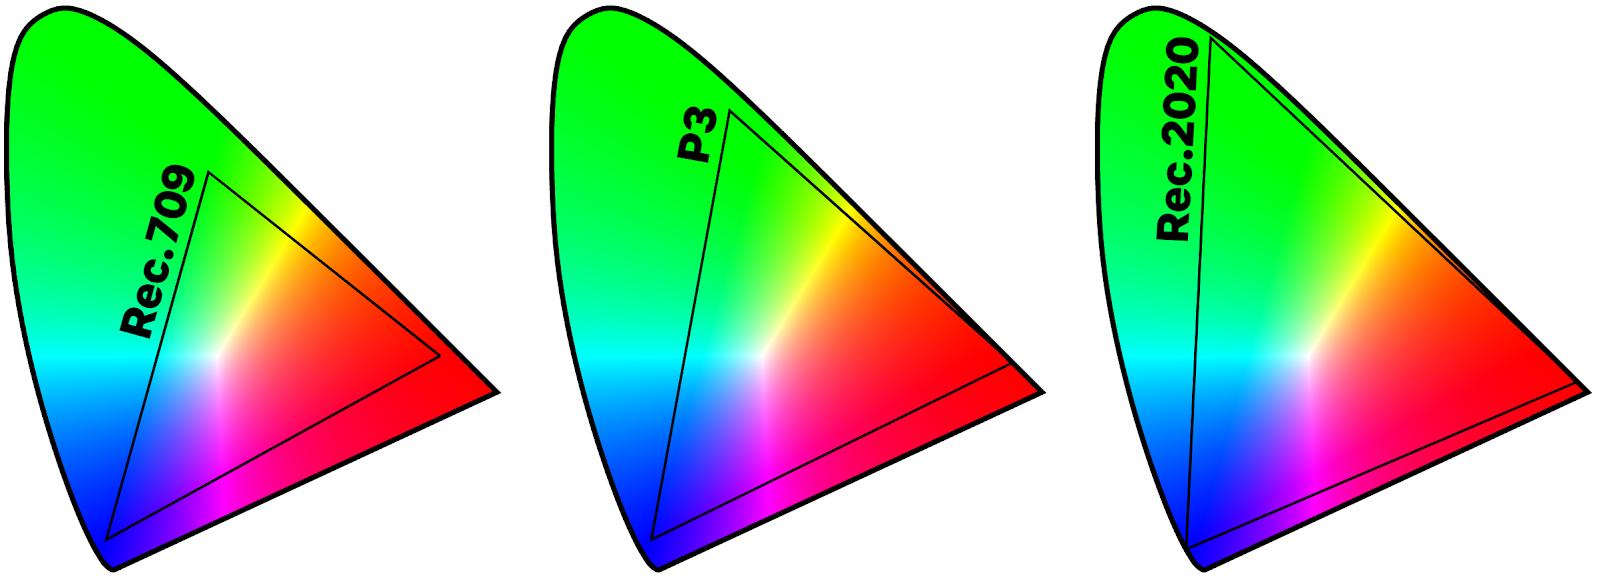 Les définitions d'affichage : espaces couleurs.